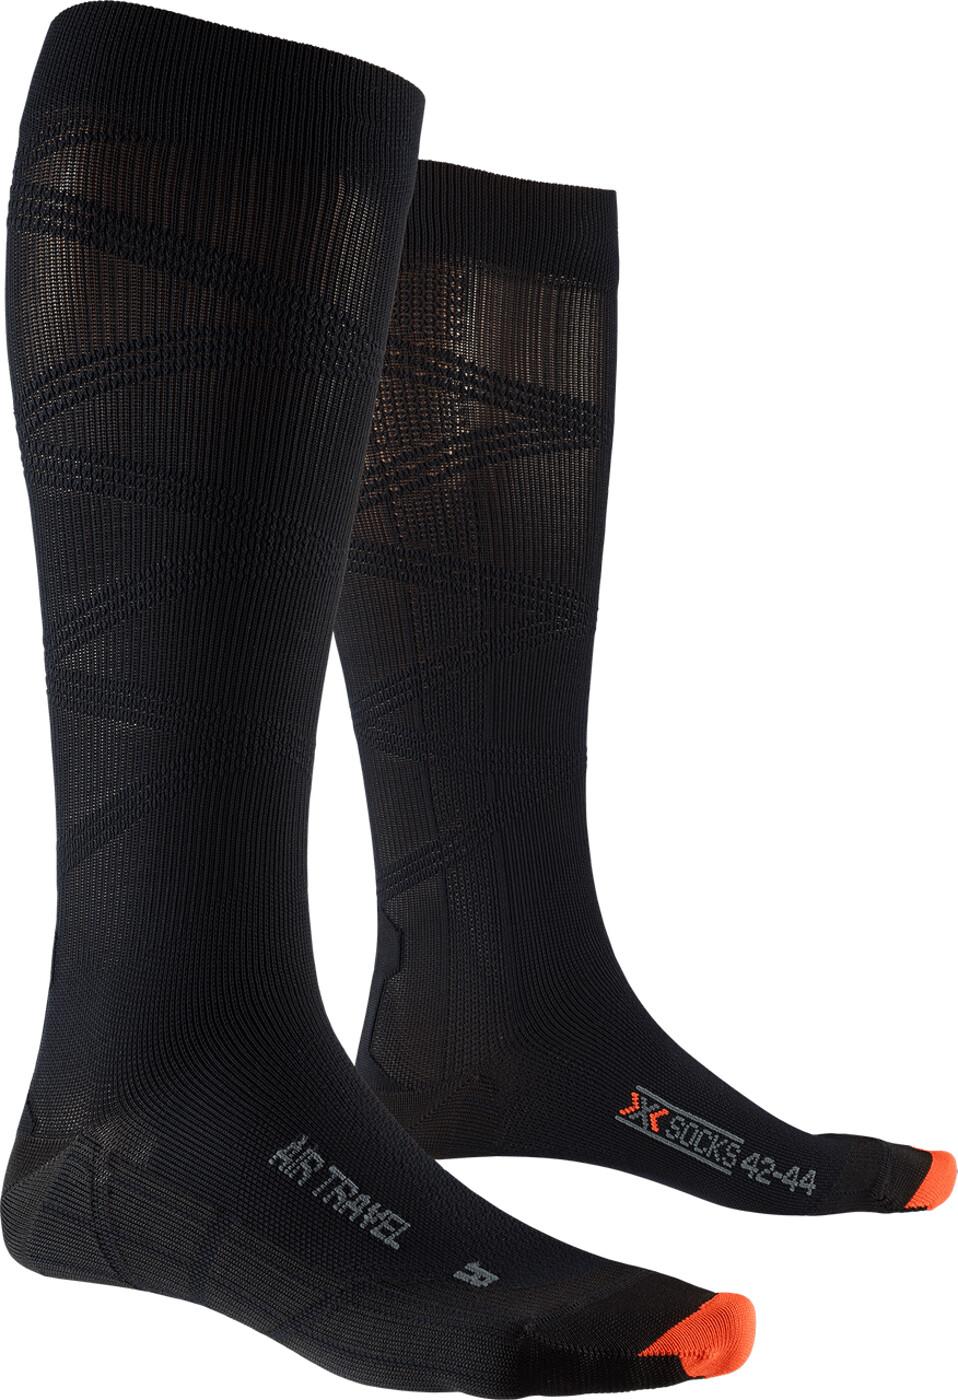 X-BIONIC AIR TRAVEL HELIX 4.0 Socken - Herren